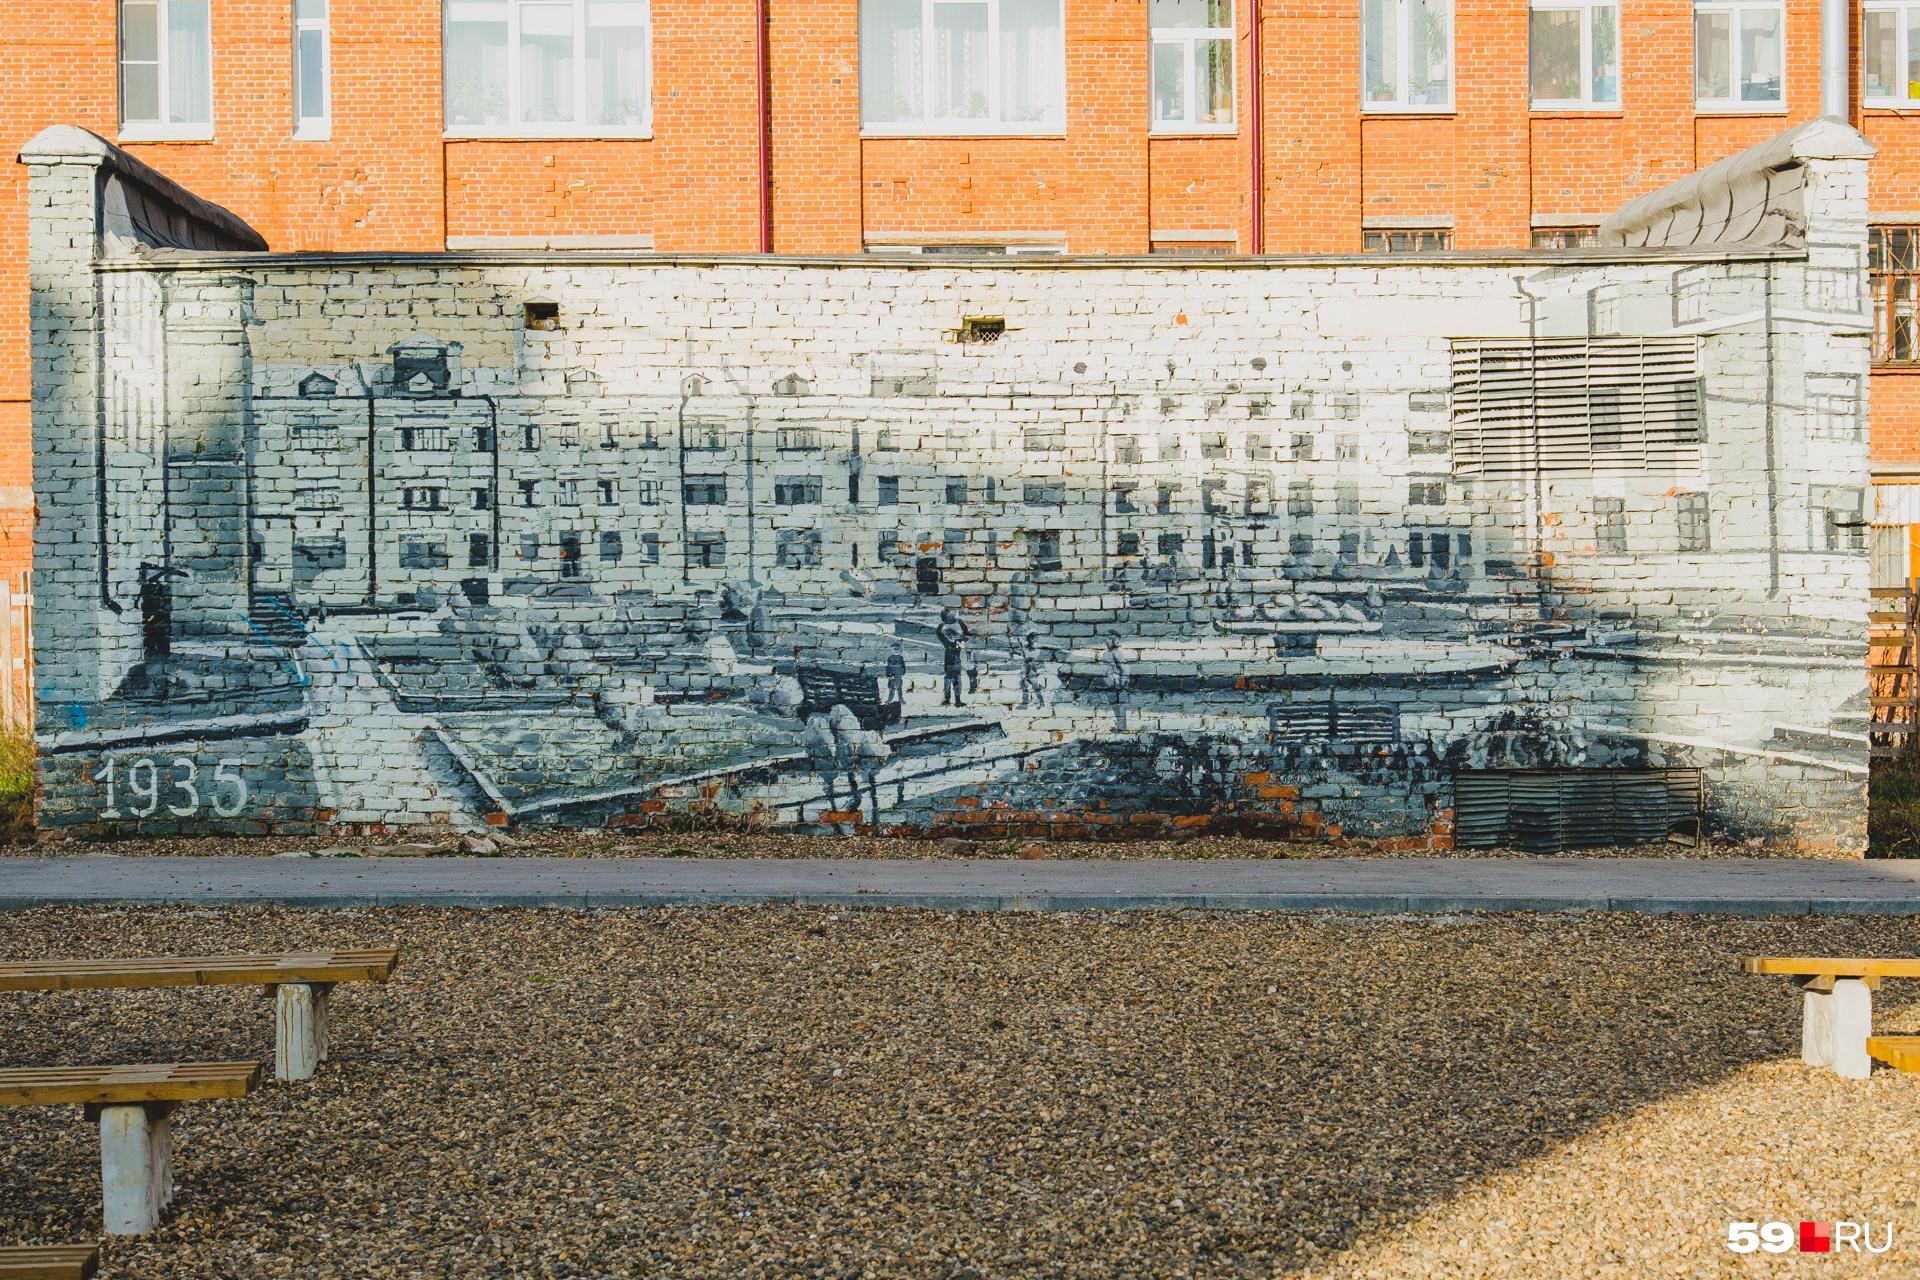 Граффити Александра Жунева сделаны по фотографии 1935 года